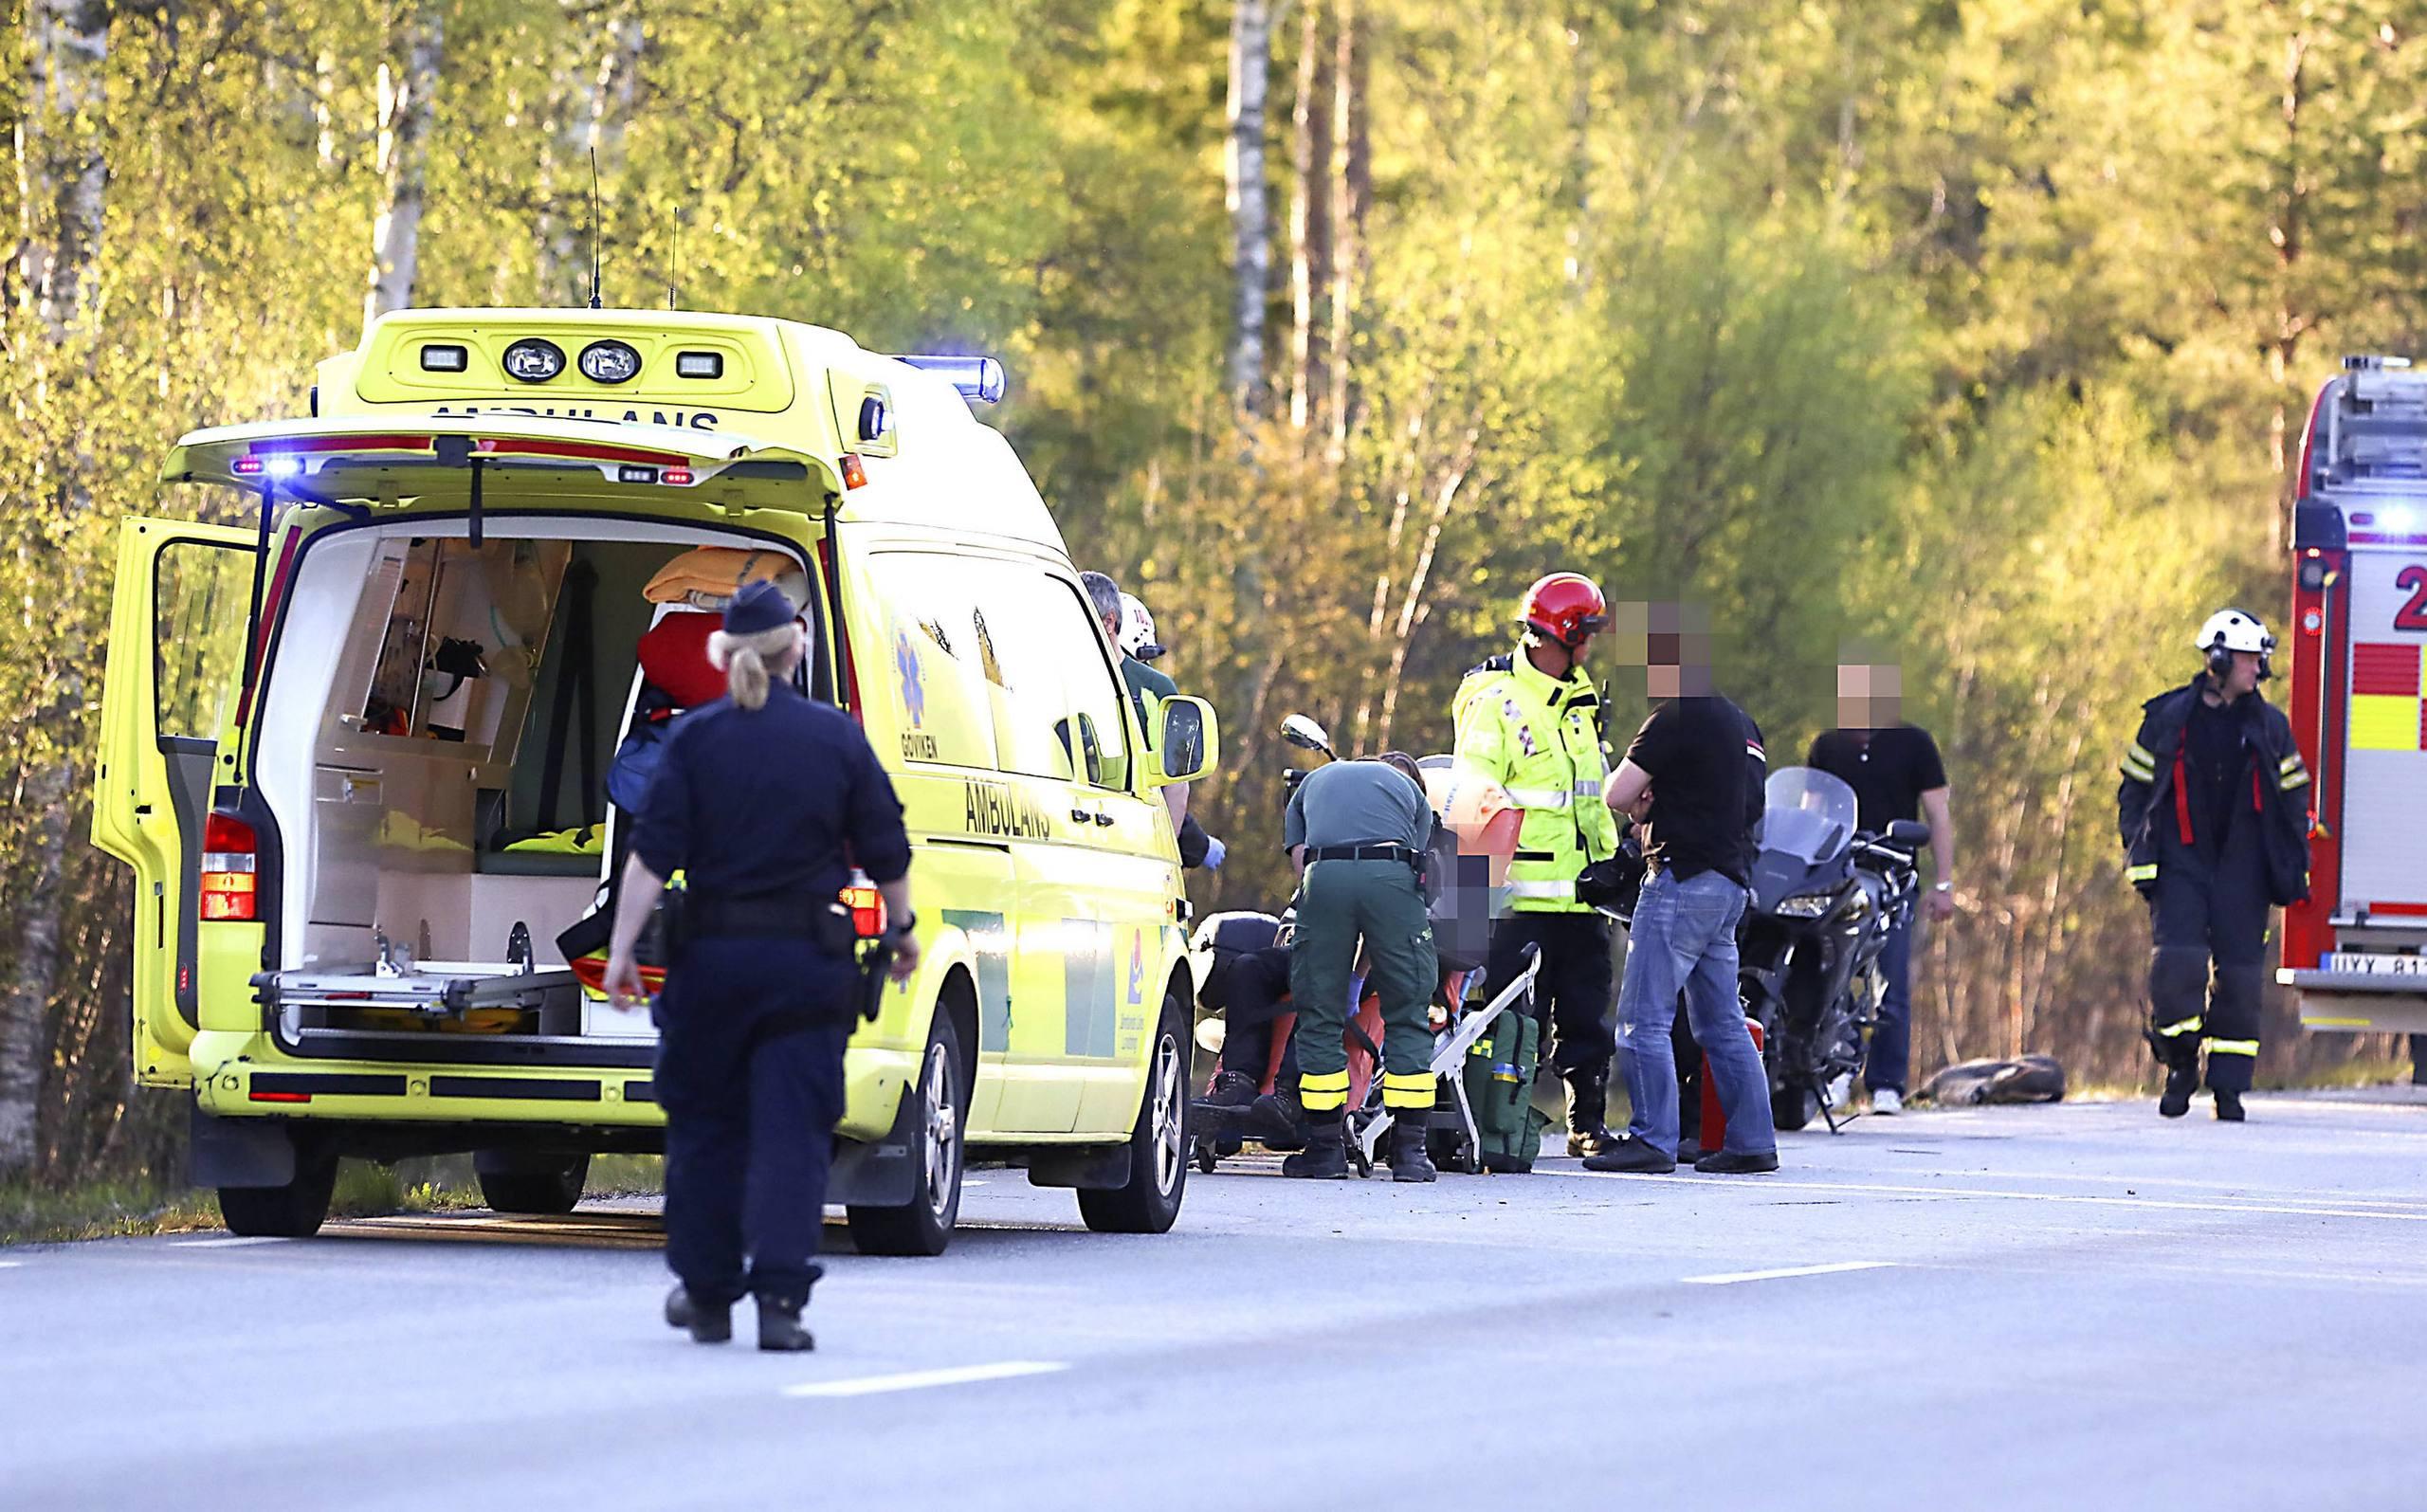 Radjur orsakade krock med tre bilar